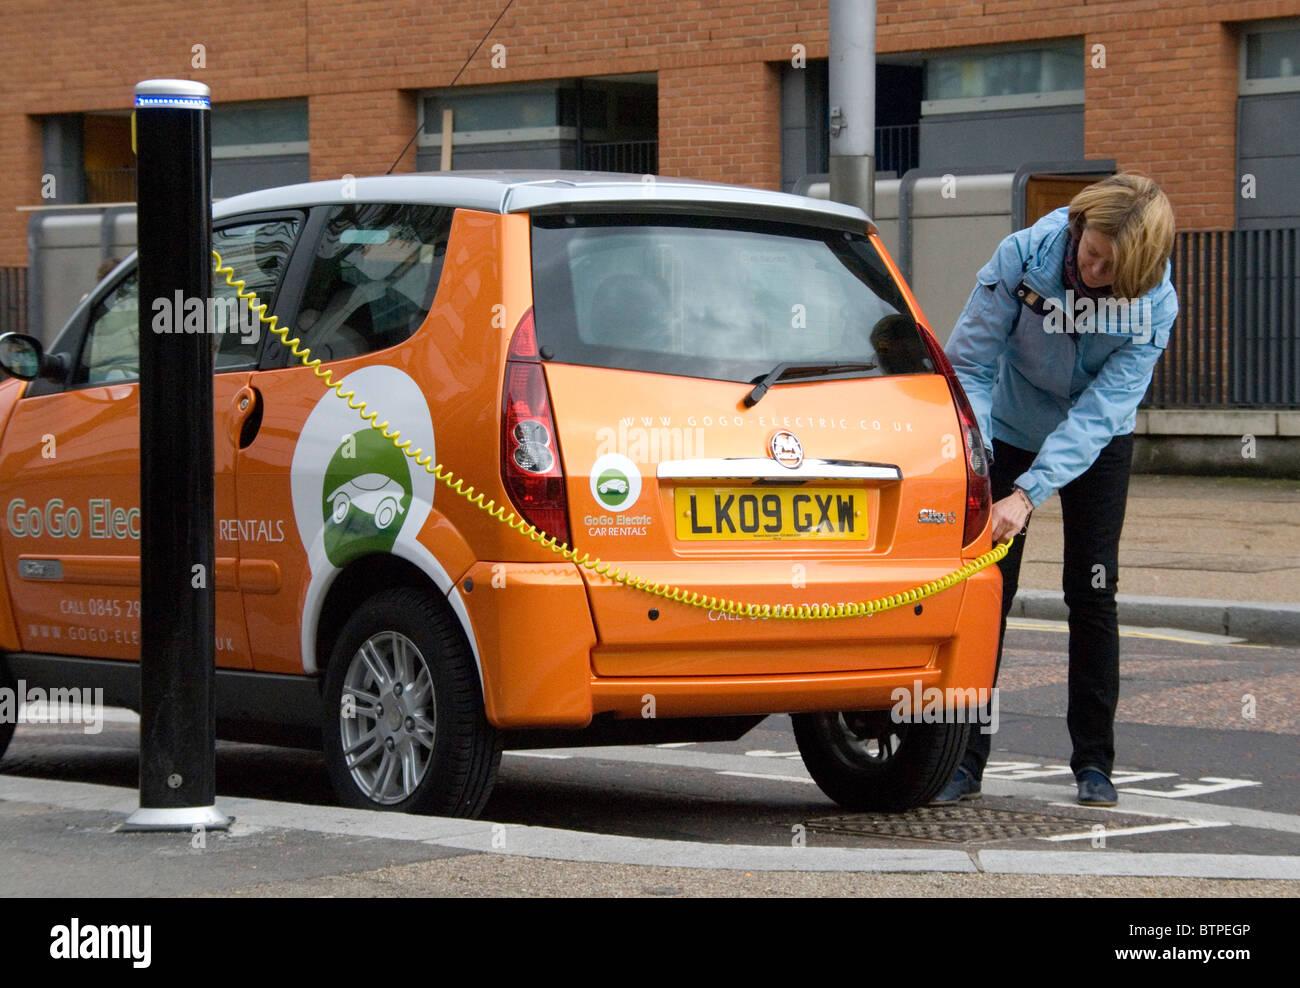 Mujer obstrucción en vehículo eléctrico EV en free parking EV Bay South Bank London UK GoGo alquiler Imagen De Stock